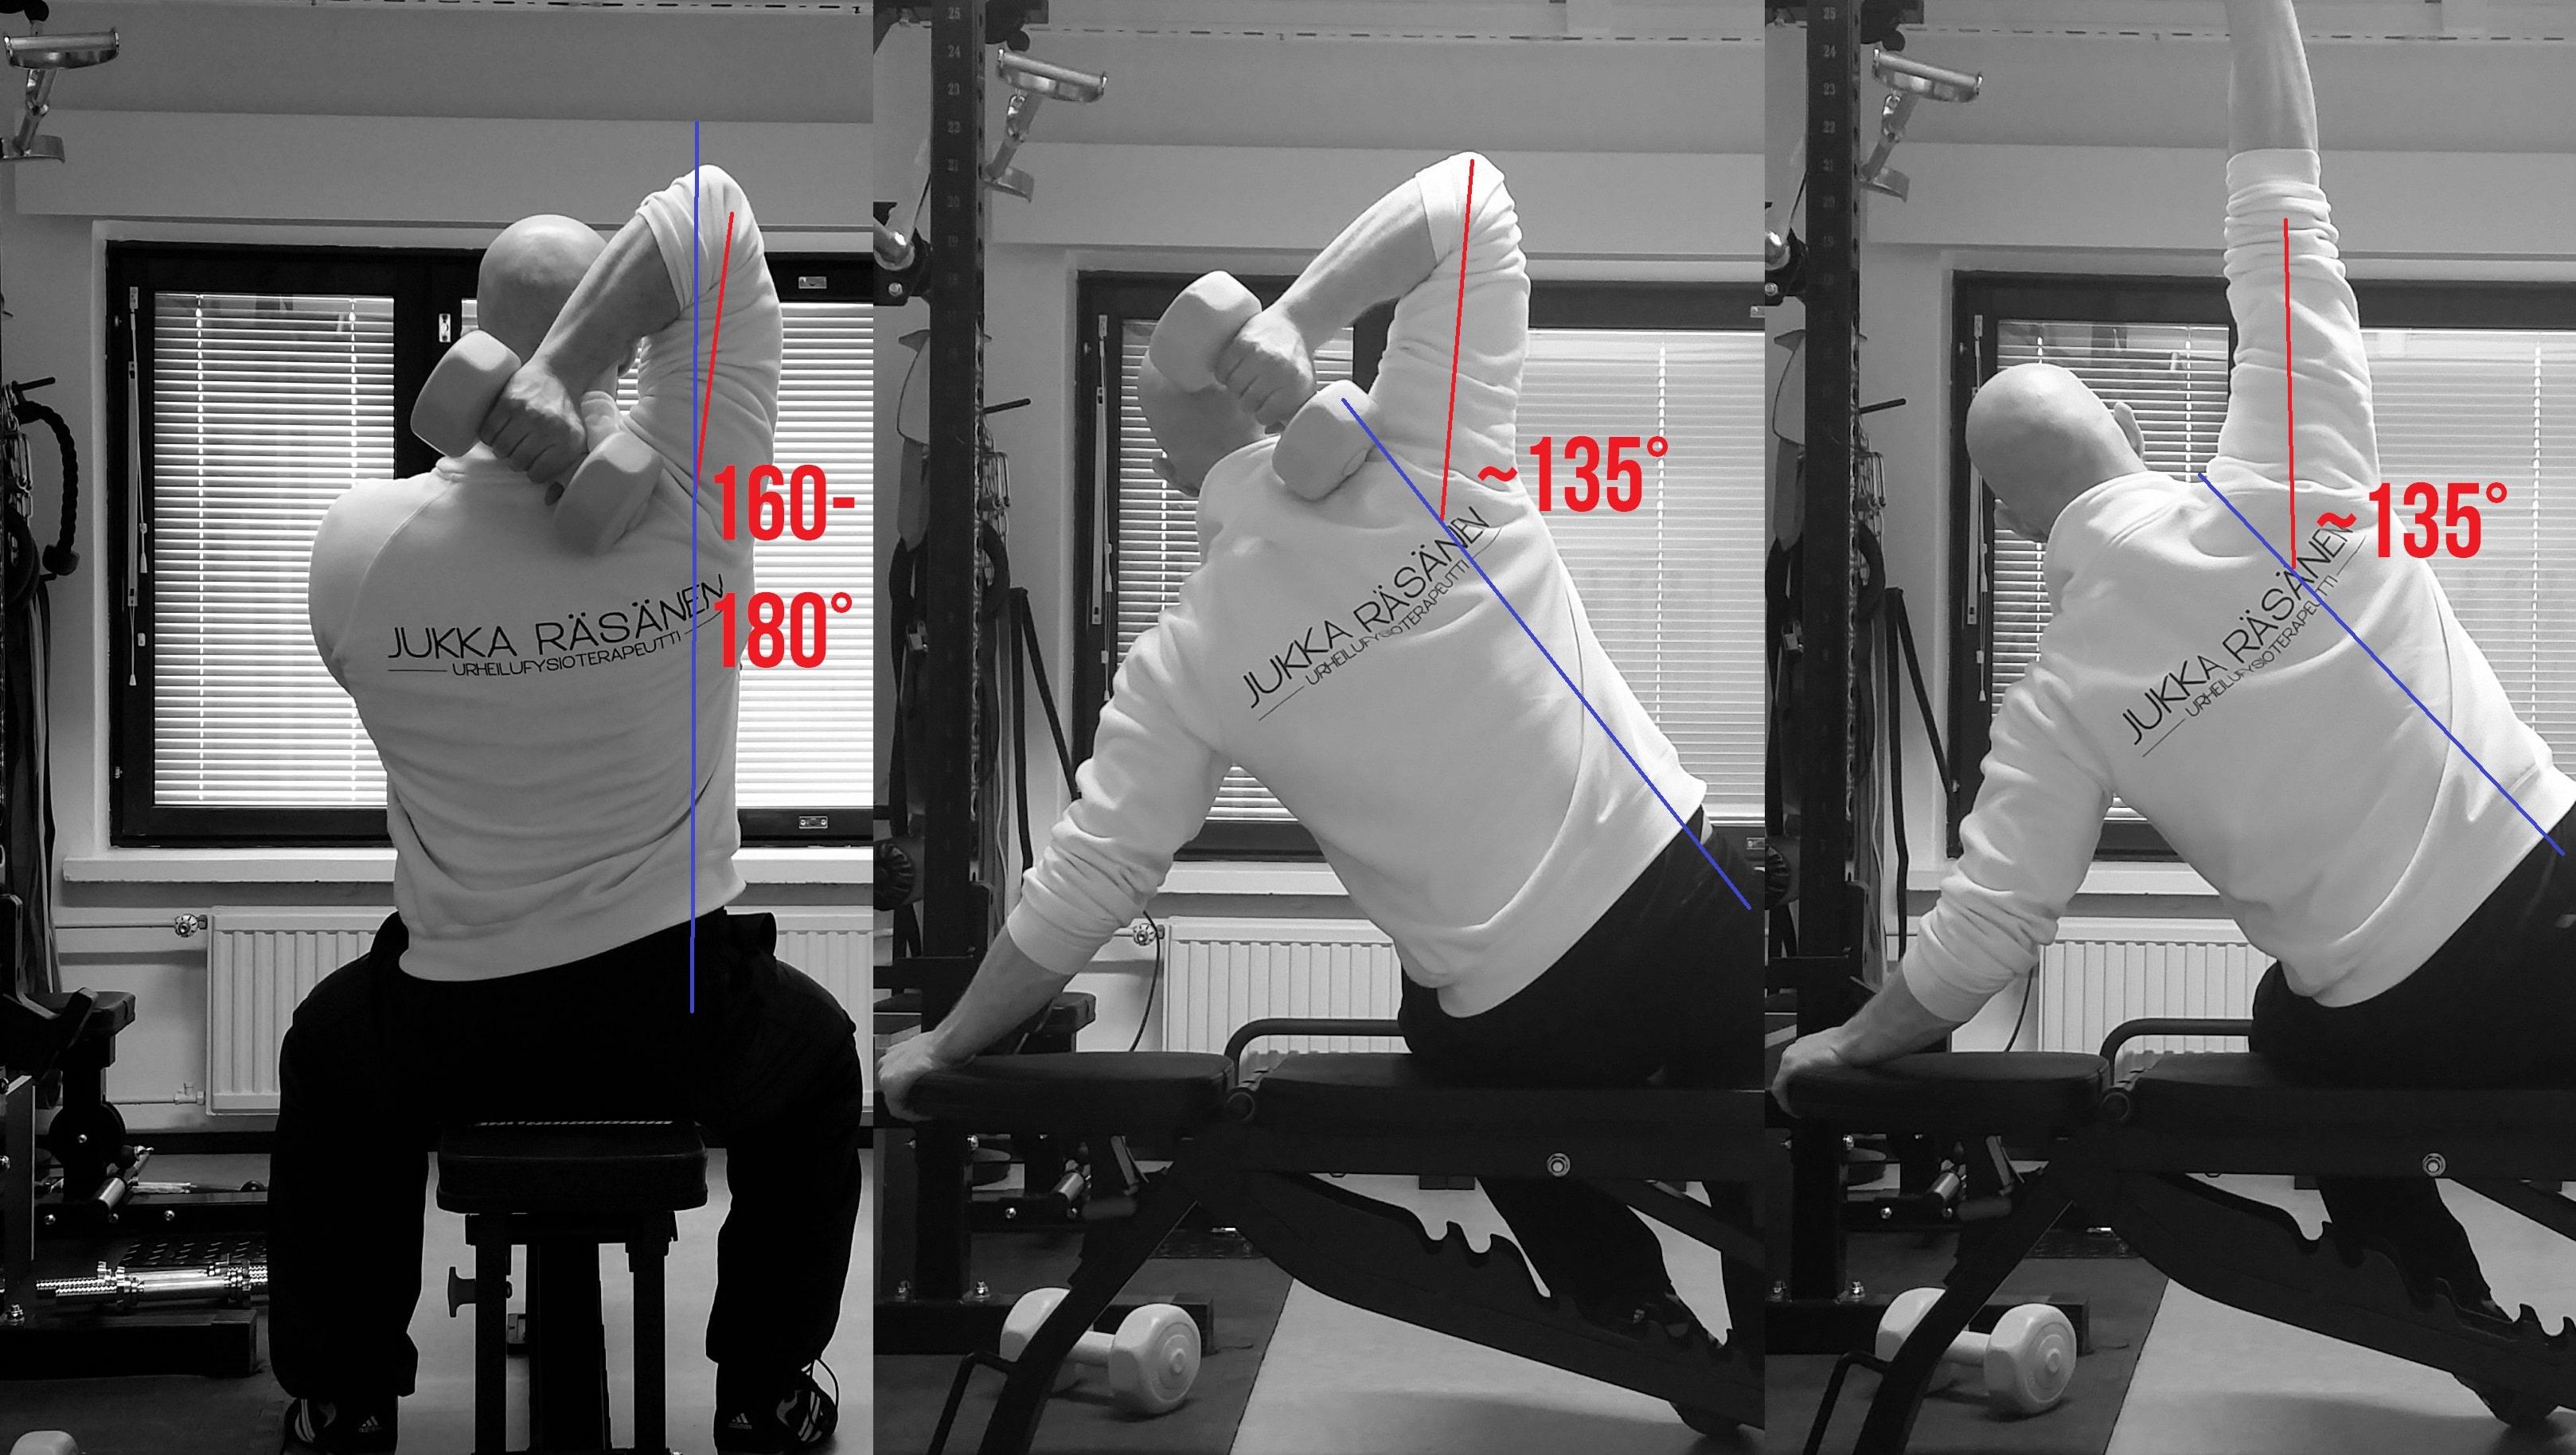 BLOGI: Ojentajapunnerrusten suoritustekniikka ja ergonomia